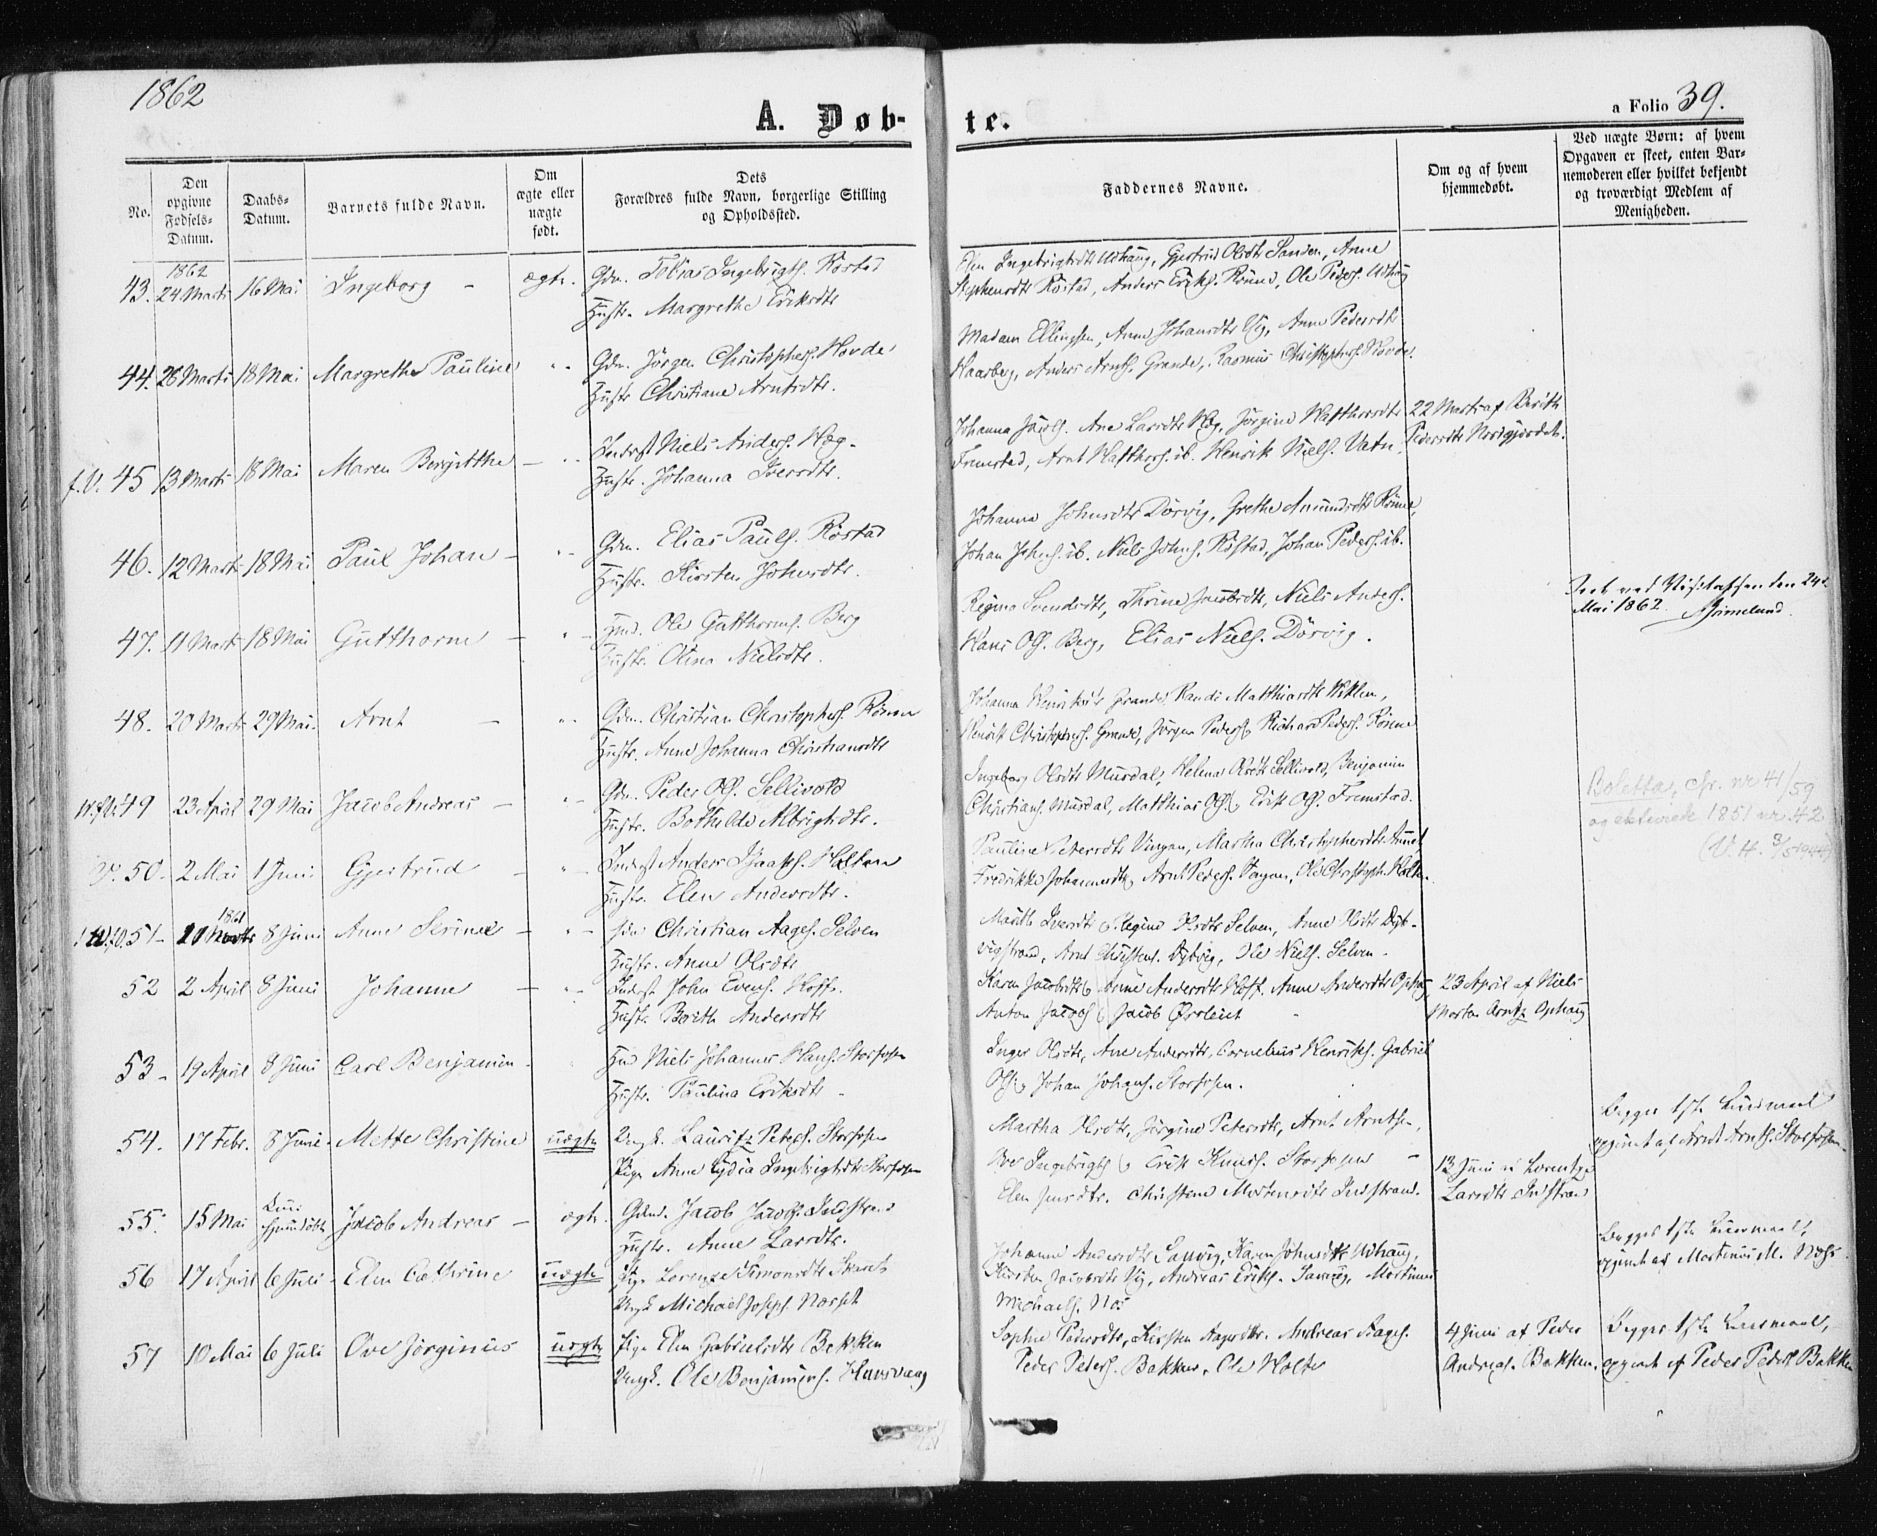 SAT, Ministerialprotokoller, klokkerbøker og fødselsregistre - Sør-Trøndelag, 659/L0737: Ministerialbok nr. 659A07, 1857-1875, s. 39